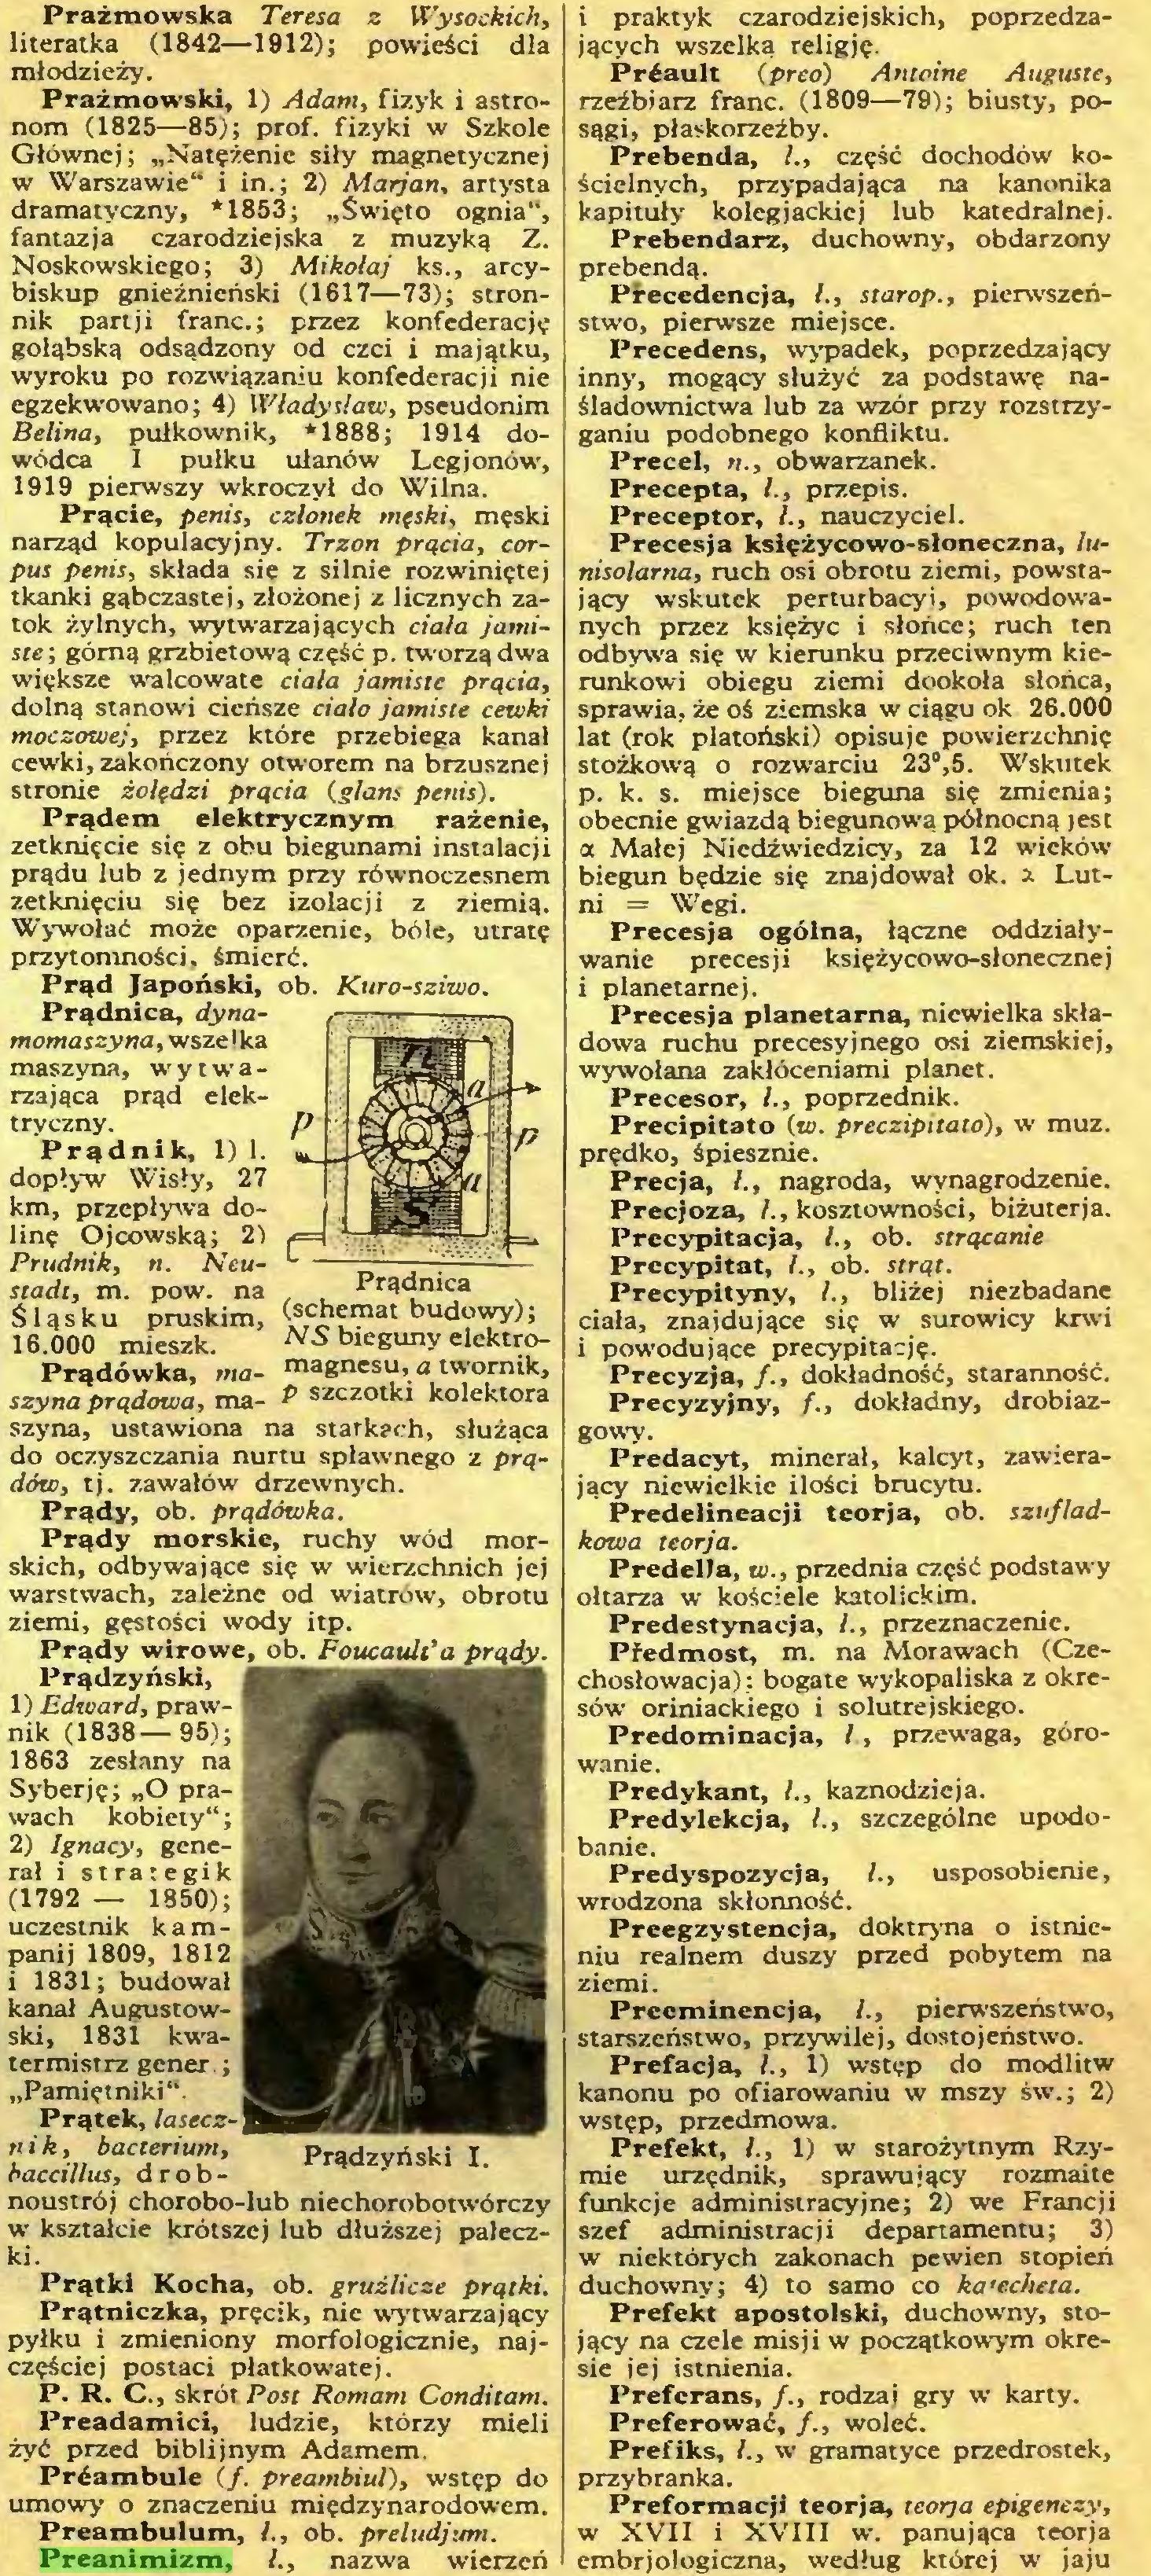 (...) Preanimizm, /., nazwa wierzeń Prądzyński I. i praktyk czarodziejskich, poprzedzających wszelką religję...